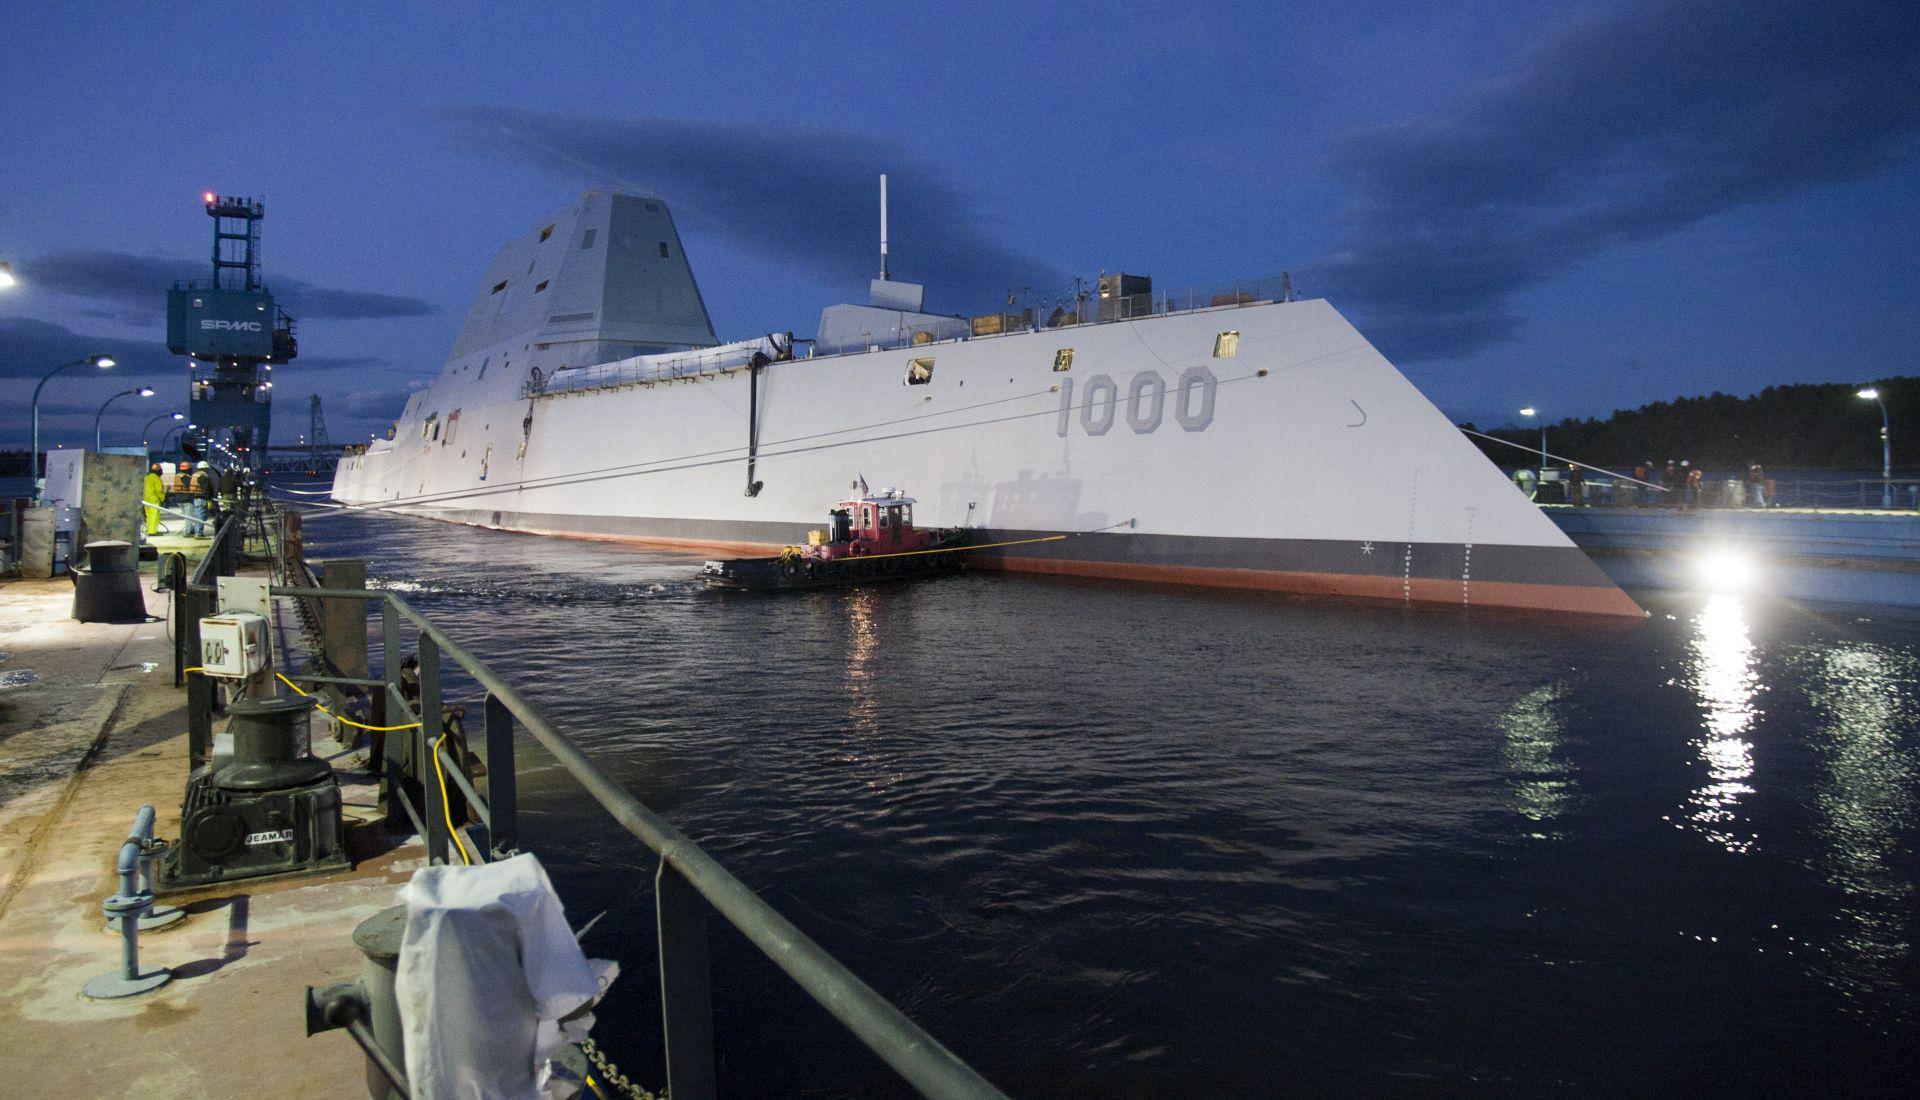 Zumwalt-class guided-missile destroyer DDG 1000